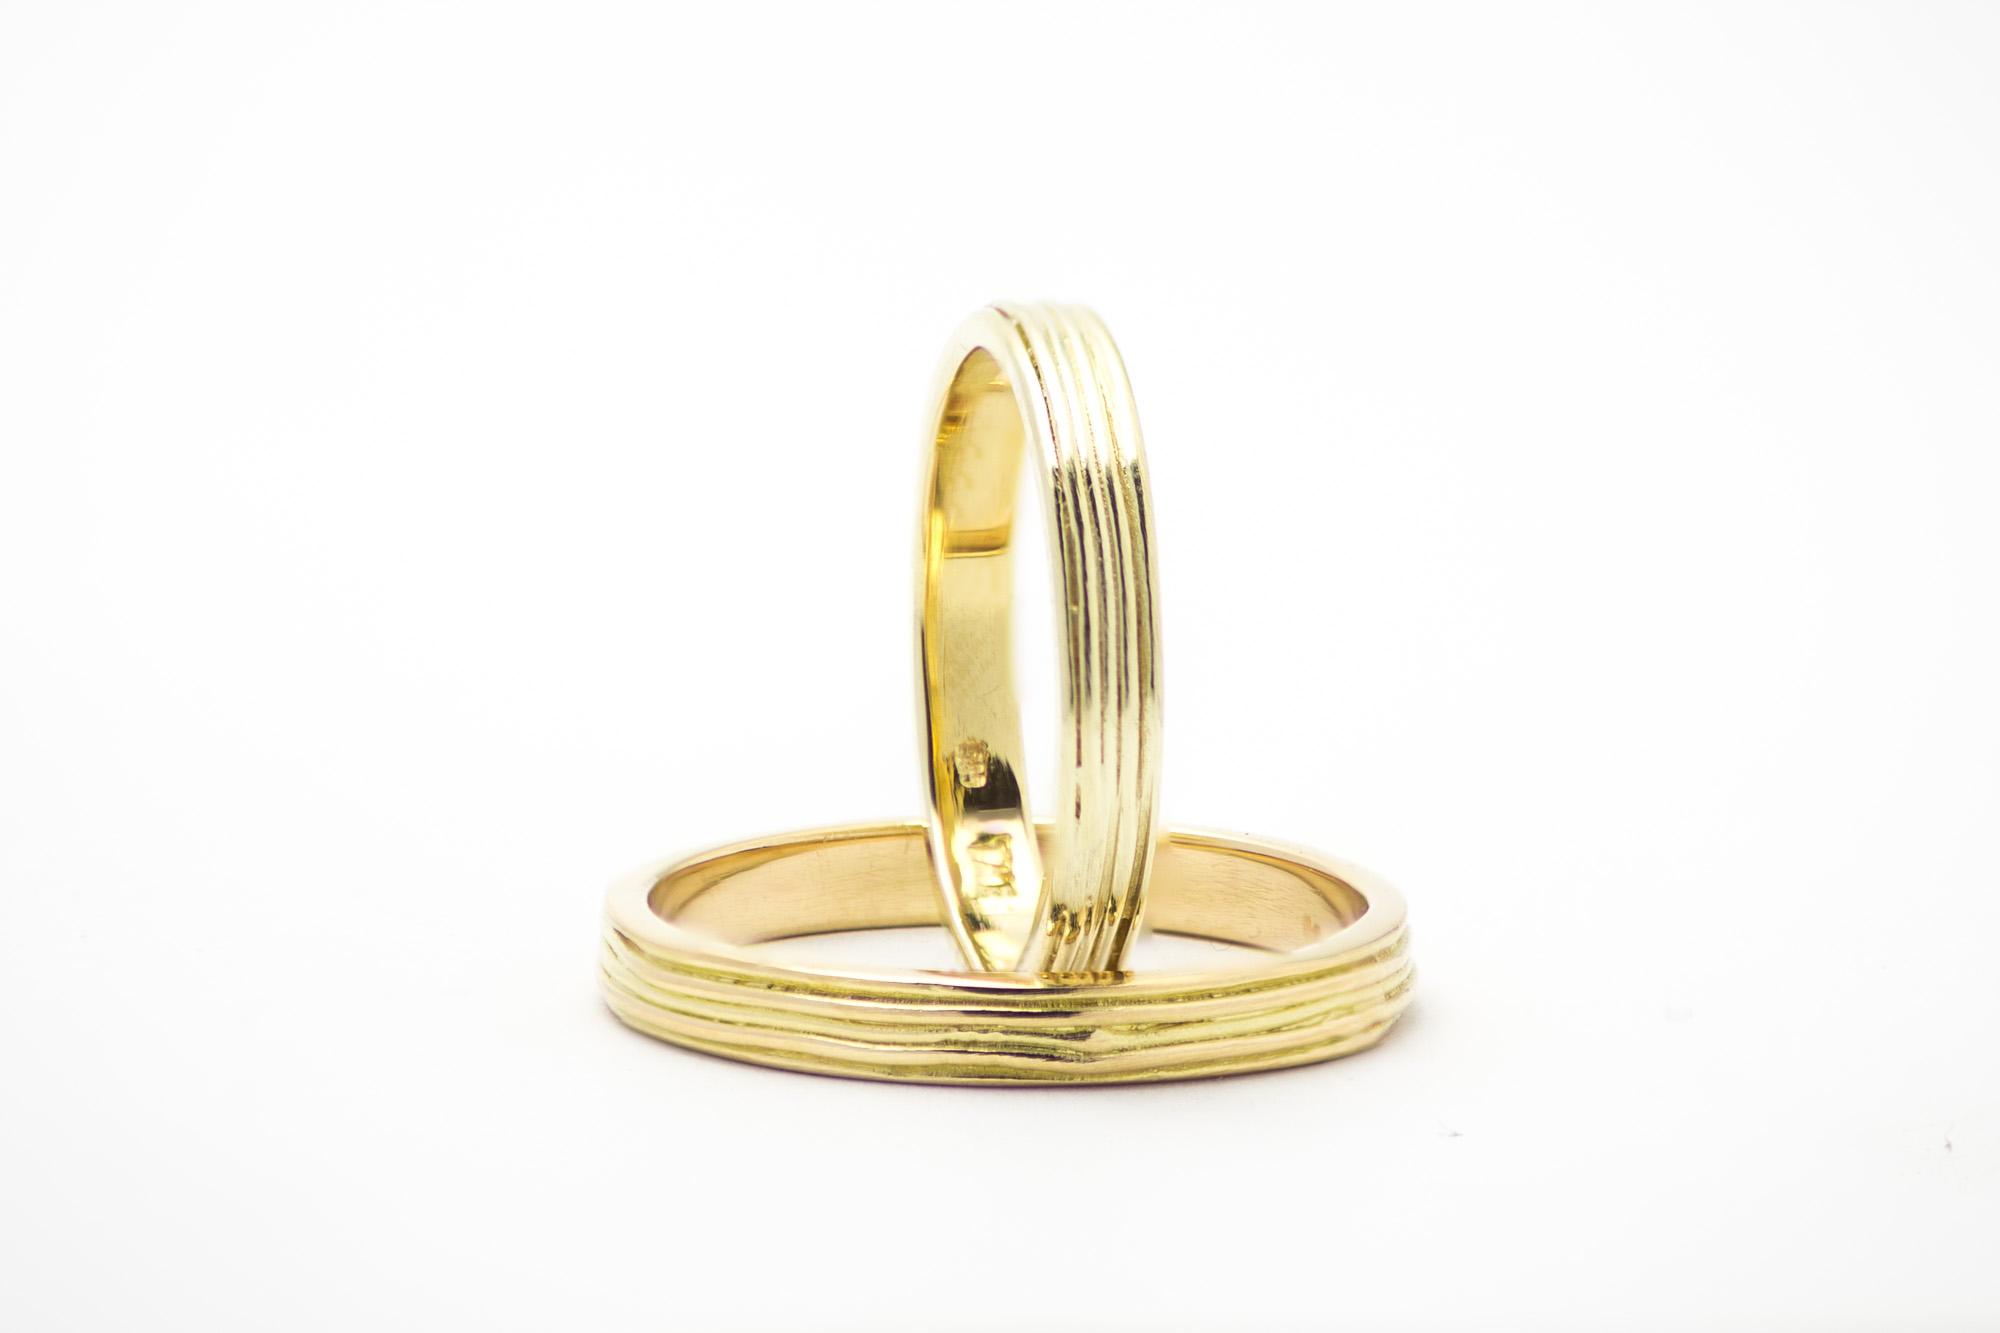 750 Gelbgold, Paar 850€